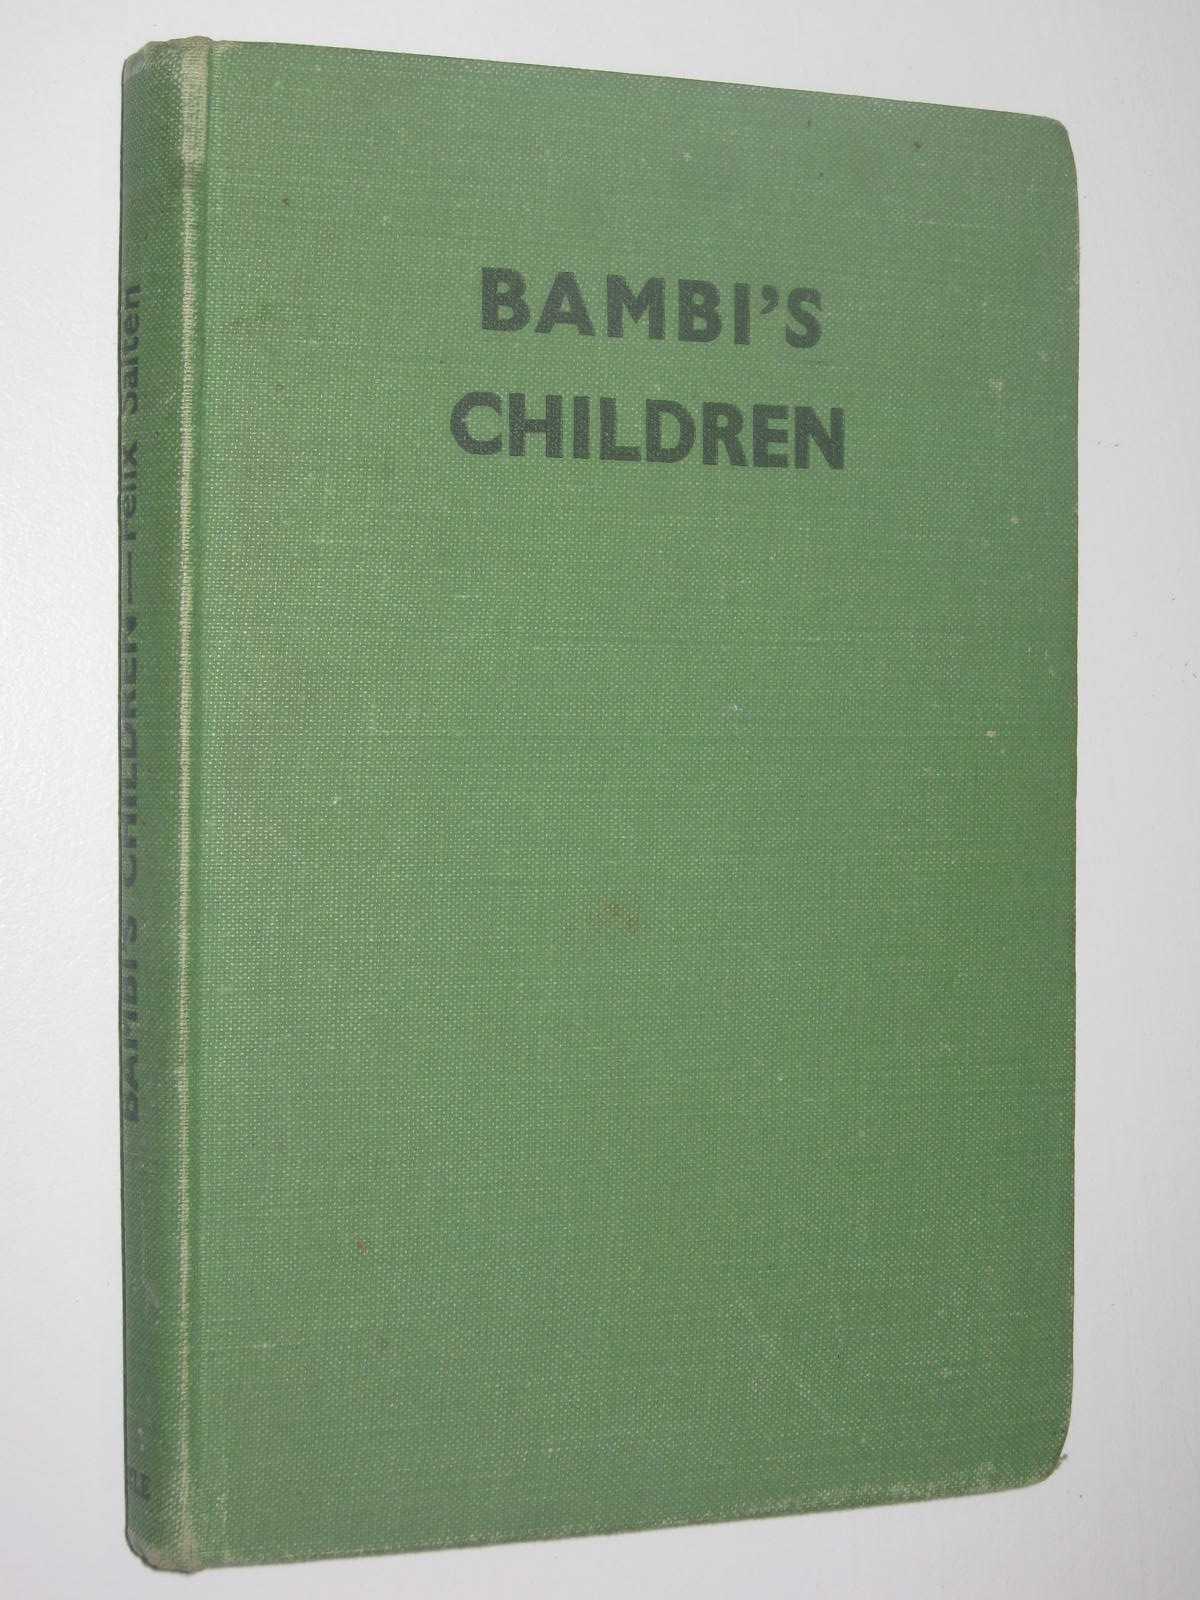 Image for Bambi's Children